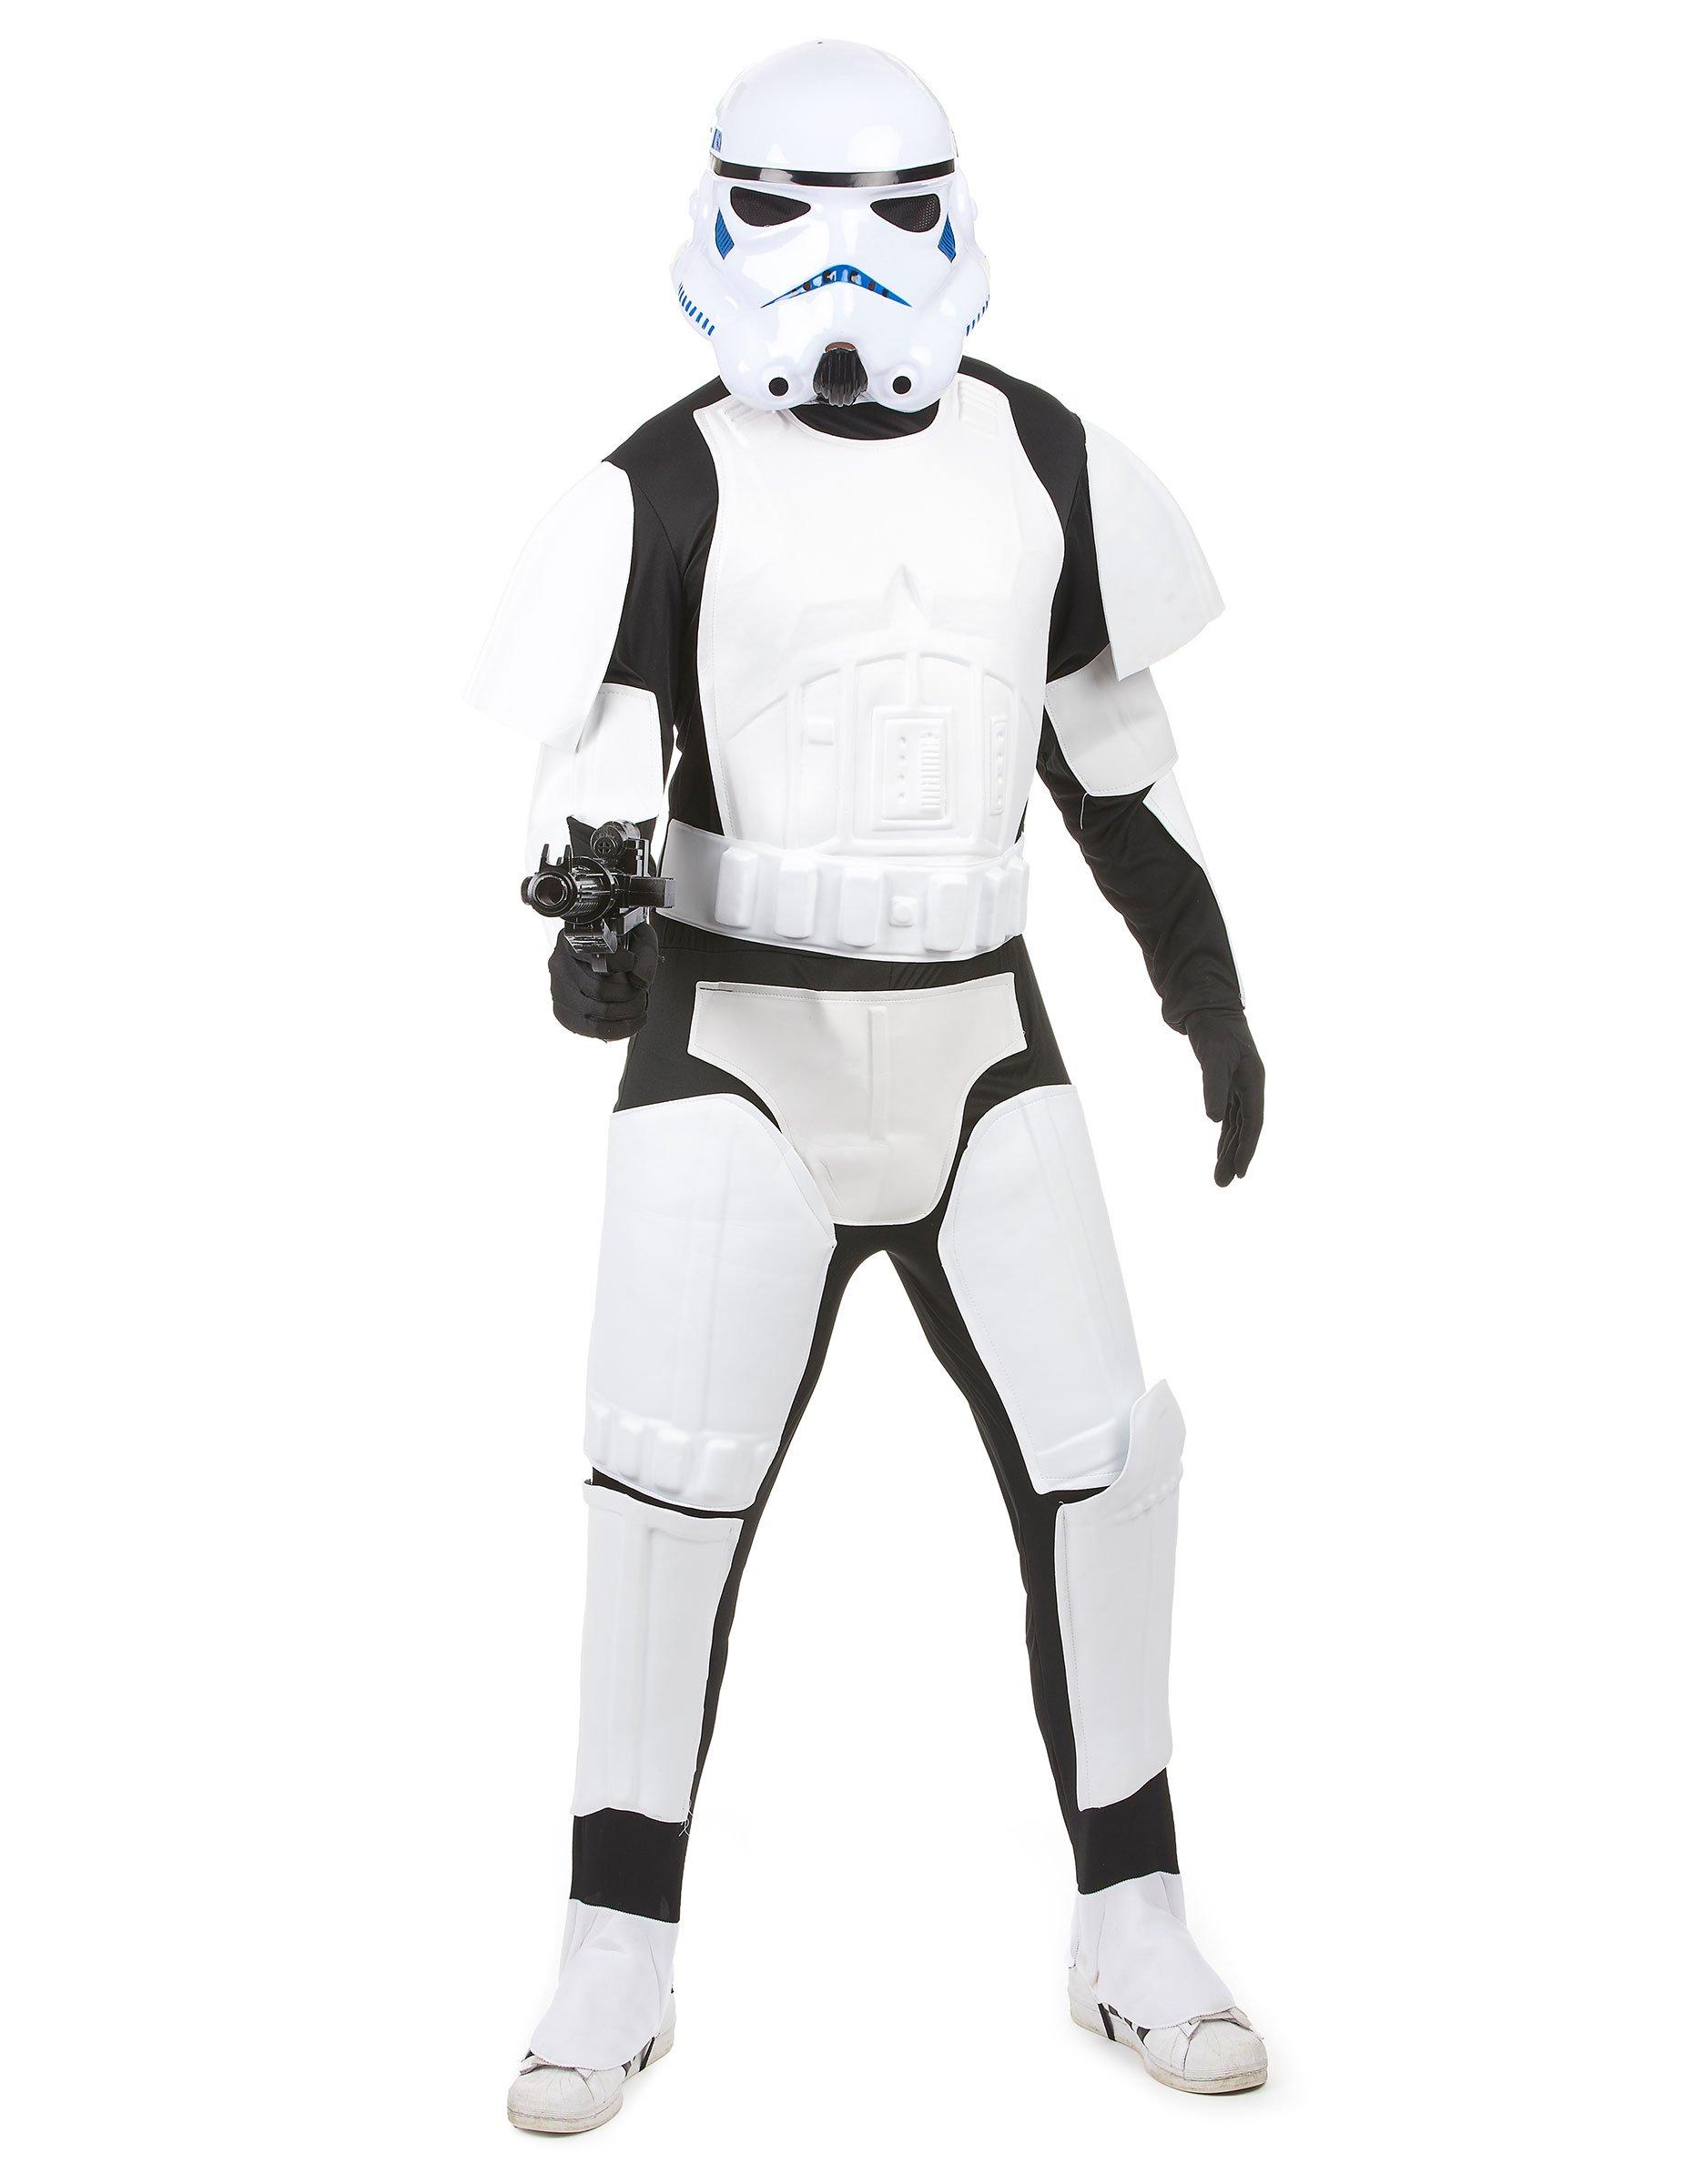 offizielles stormtrooper kost m aus star wars f r erwachsene kost me f r erwachsene und. Black Bedroom Furniture Sets. Home Design Ideas